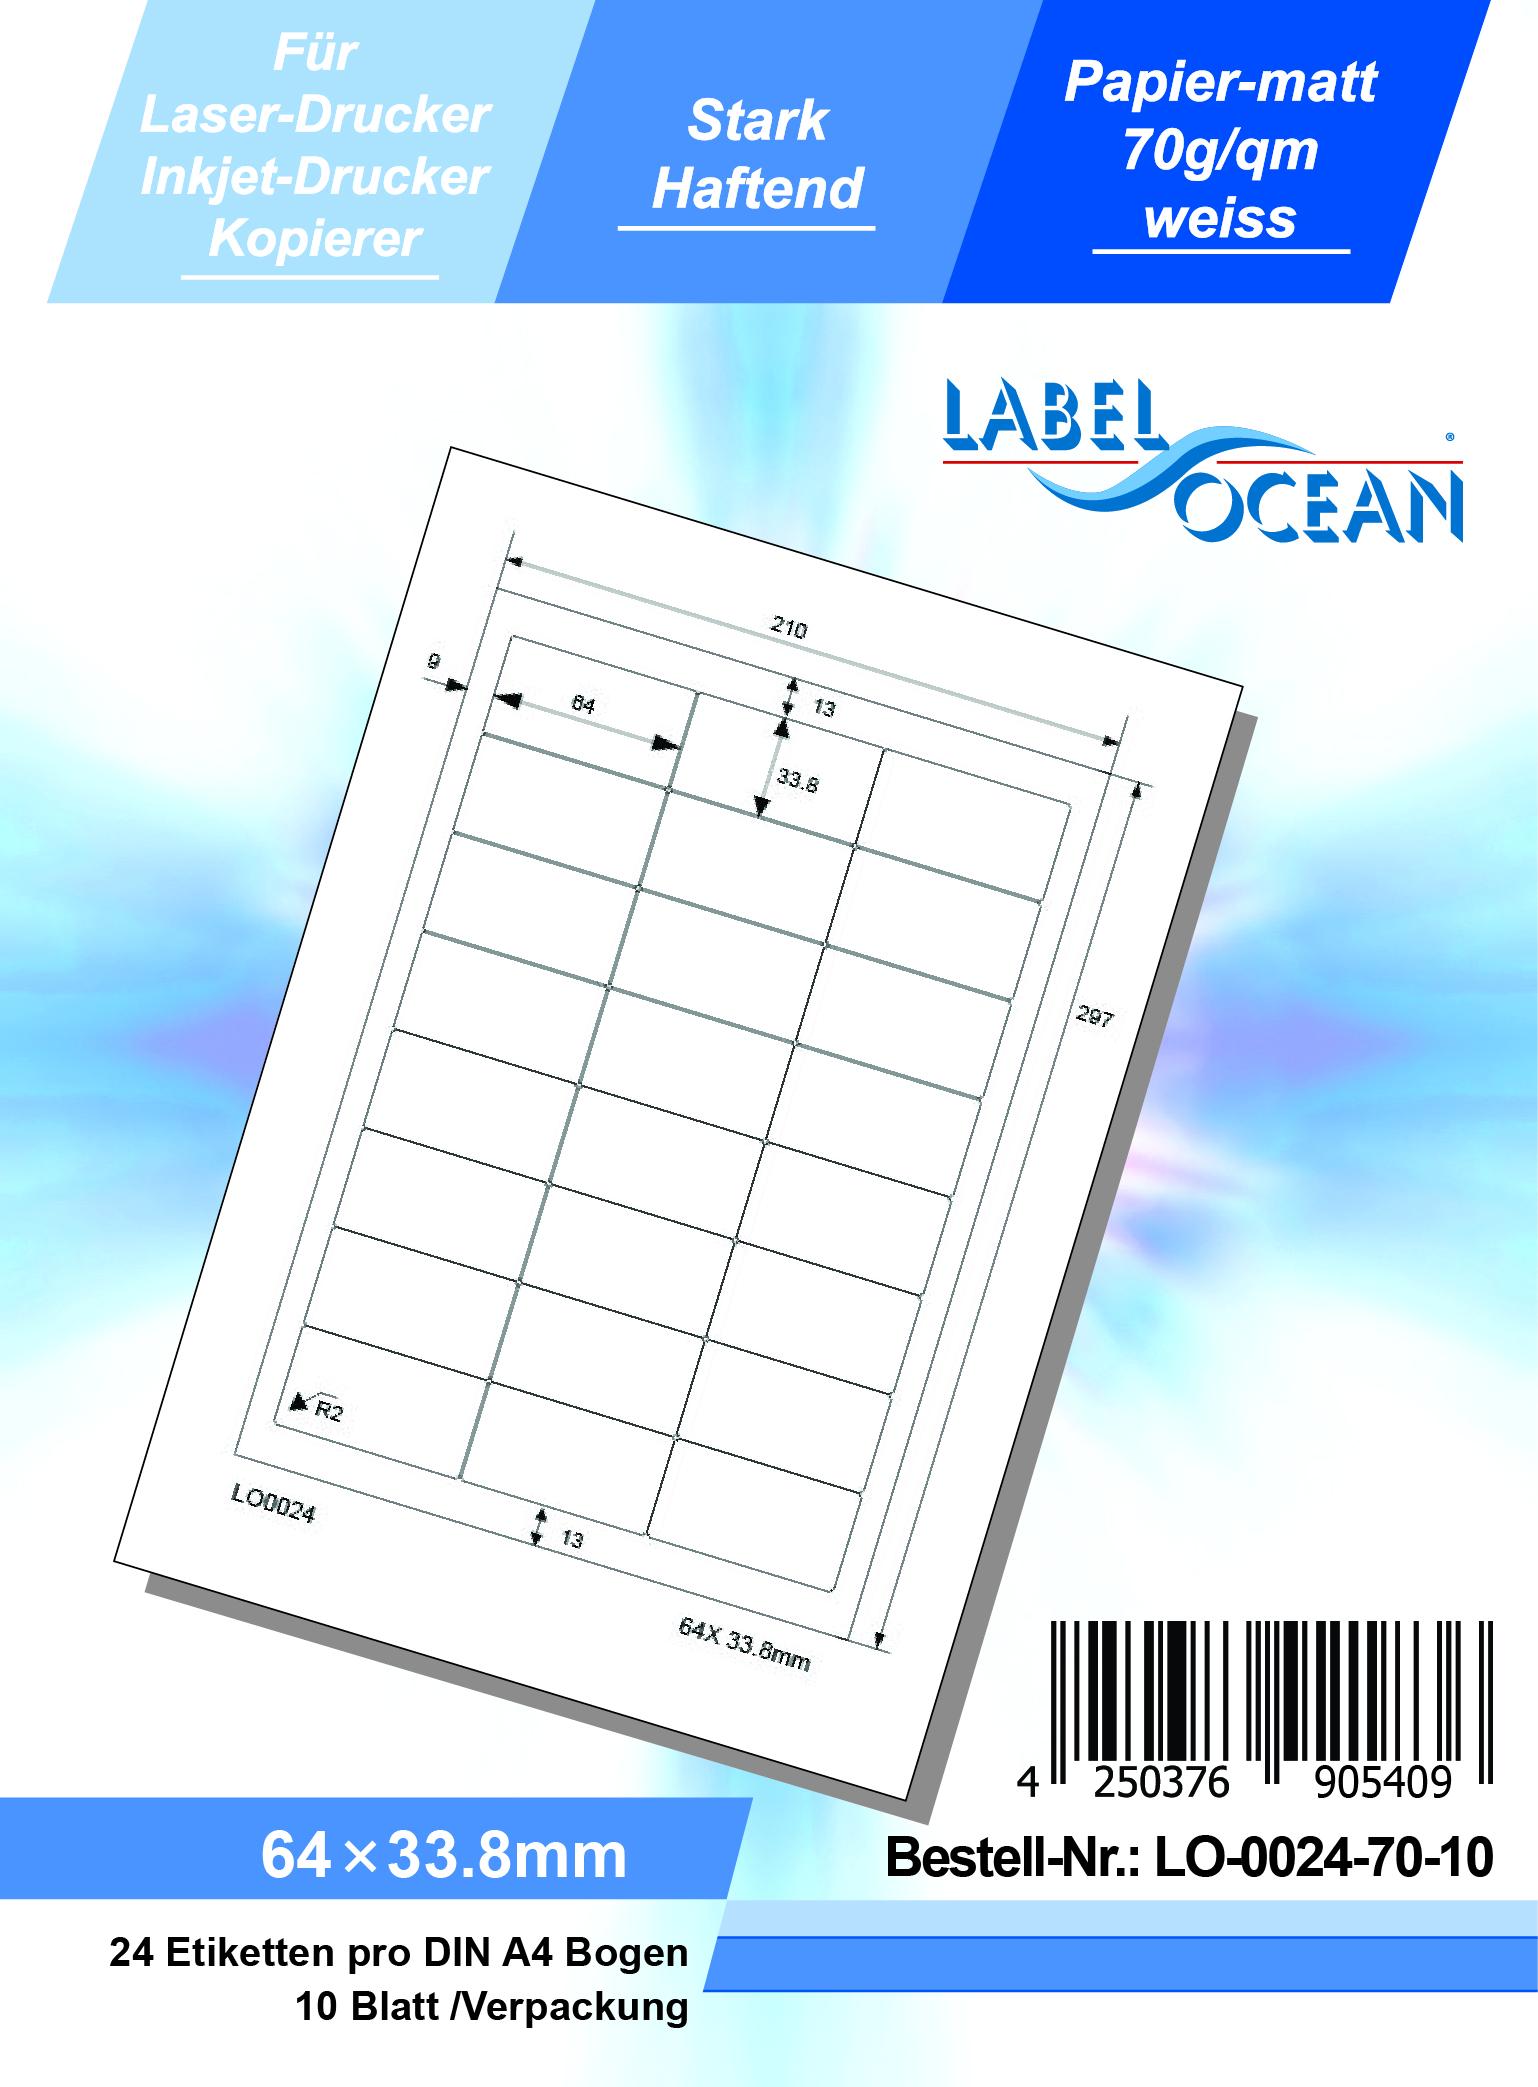 10 Blatt Laser Inkjet Kopierer Klebeetiketten DIN A4 weiß 64x33,8mm